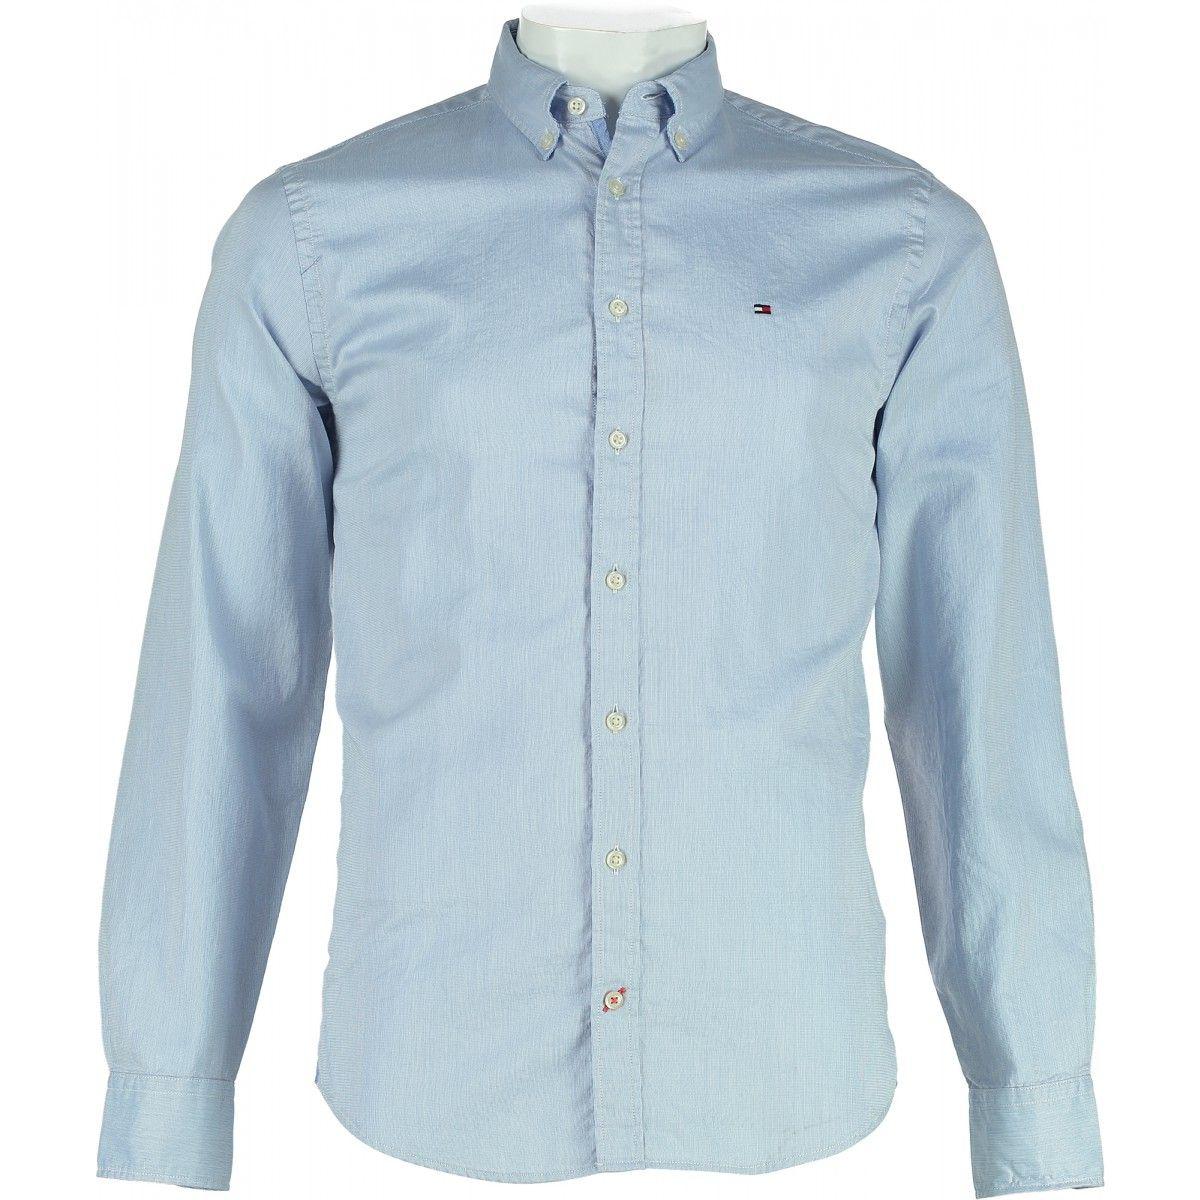 Tommy Hilfiger heren overhemd | Overhemd, Tommy hilfiger, Heren